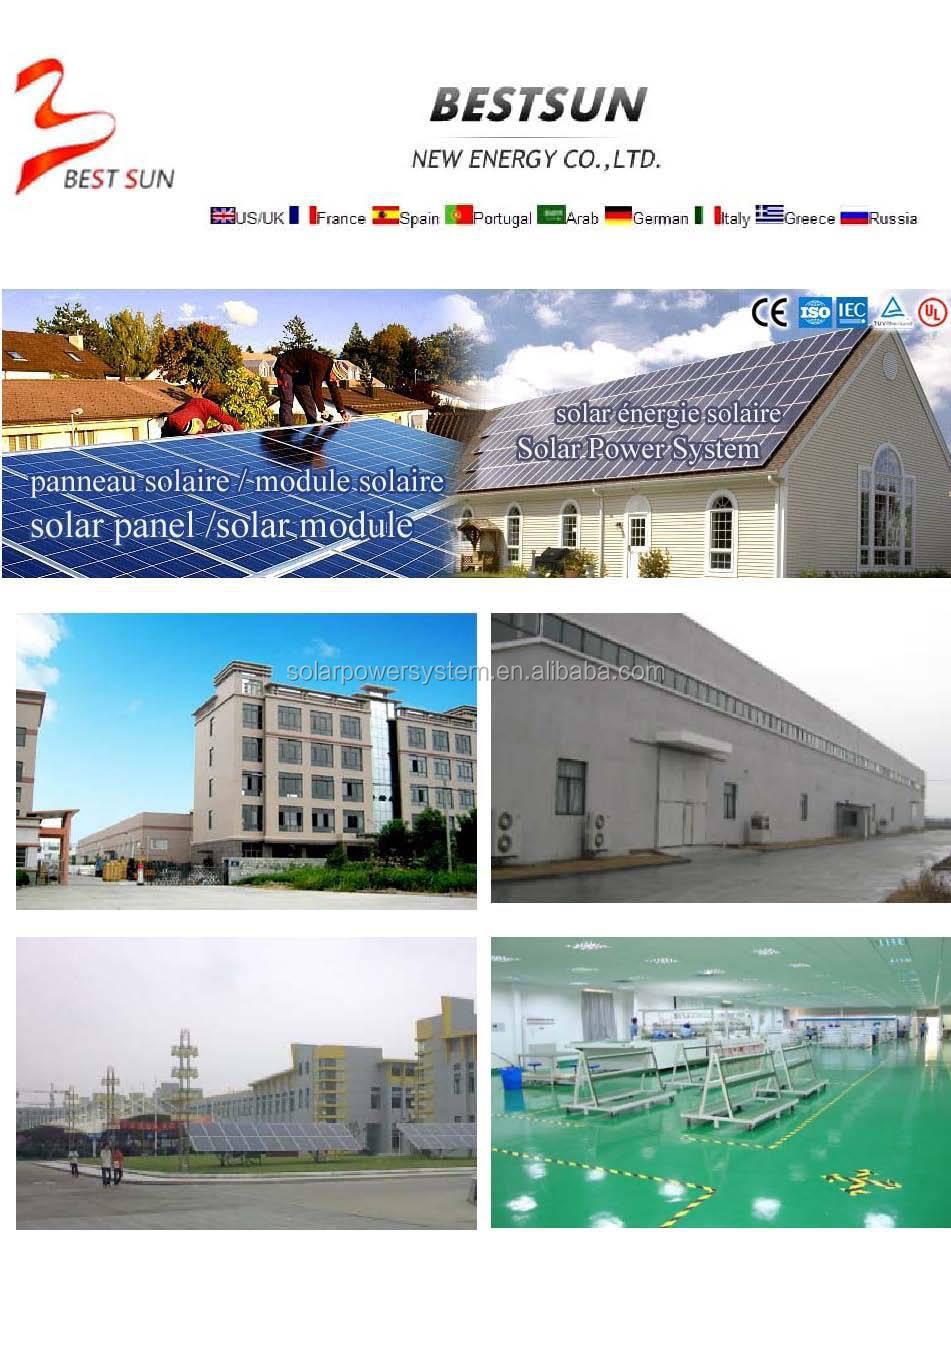 Bestsun haute qualité 15kw prix par watt panneaux solaires en inde